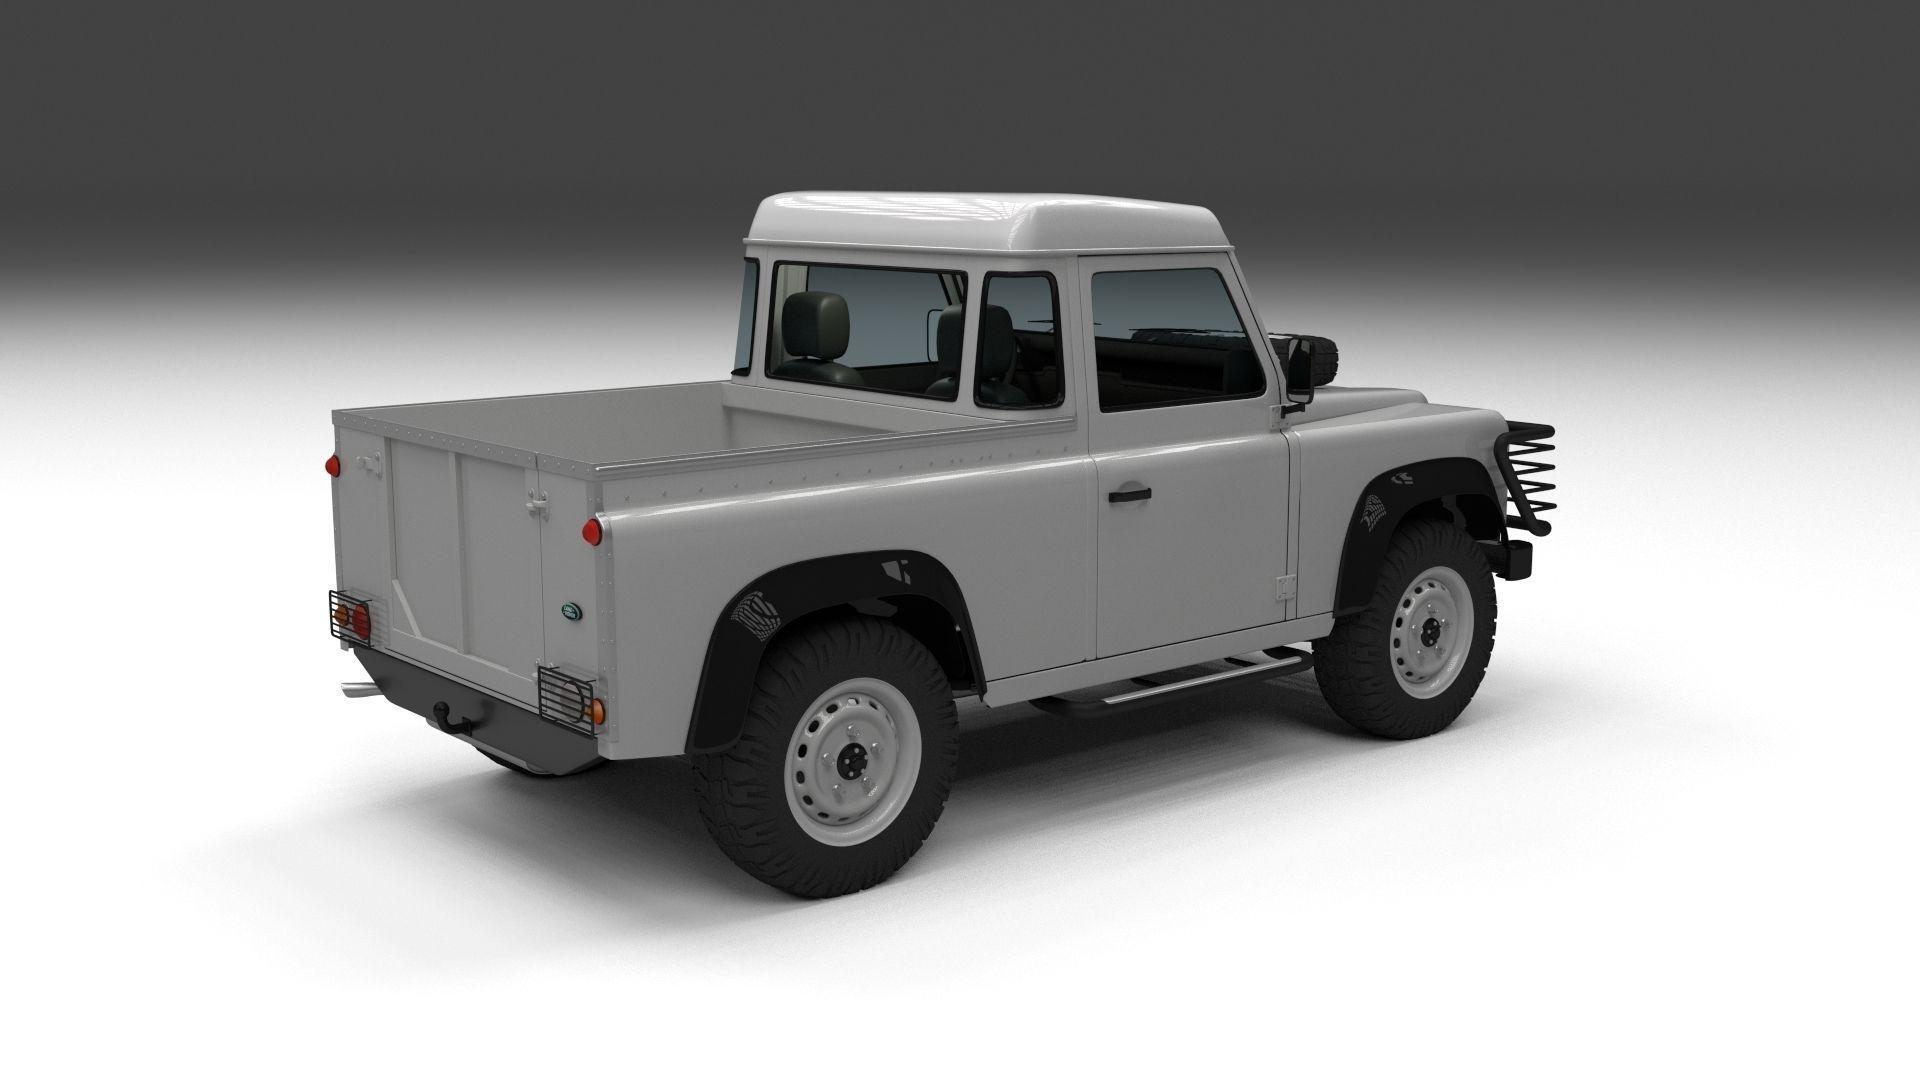 full land rover defender 90 pick up 3d model obj fbx stl blend dae. Black Bedroom Furniture Sets. Home Design Ideas